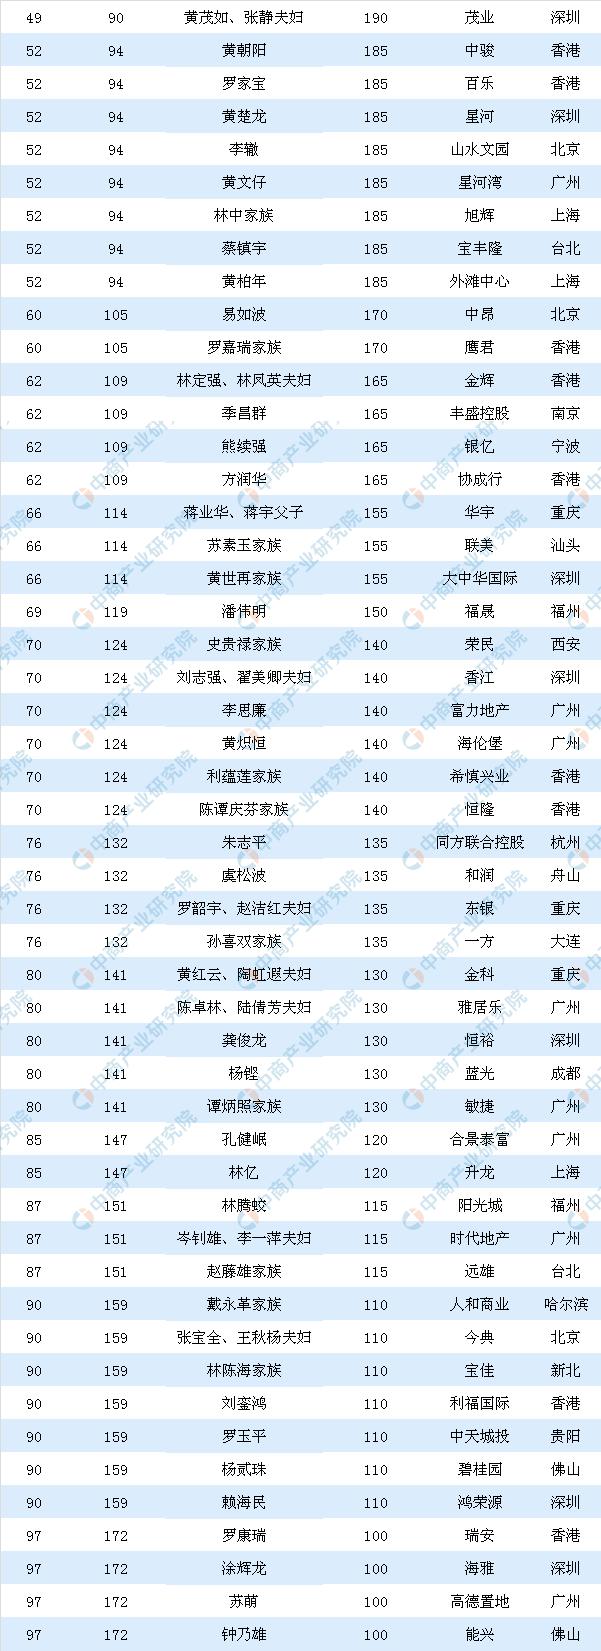 2019胡潤全球房地產富豪榜(中國篇):139人上榜